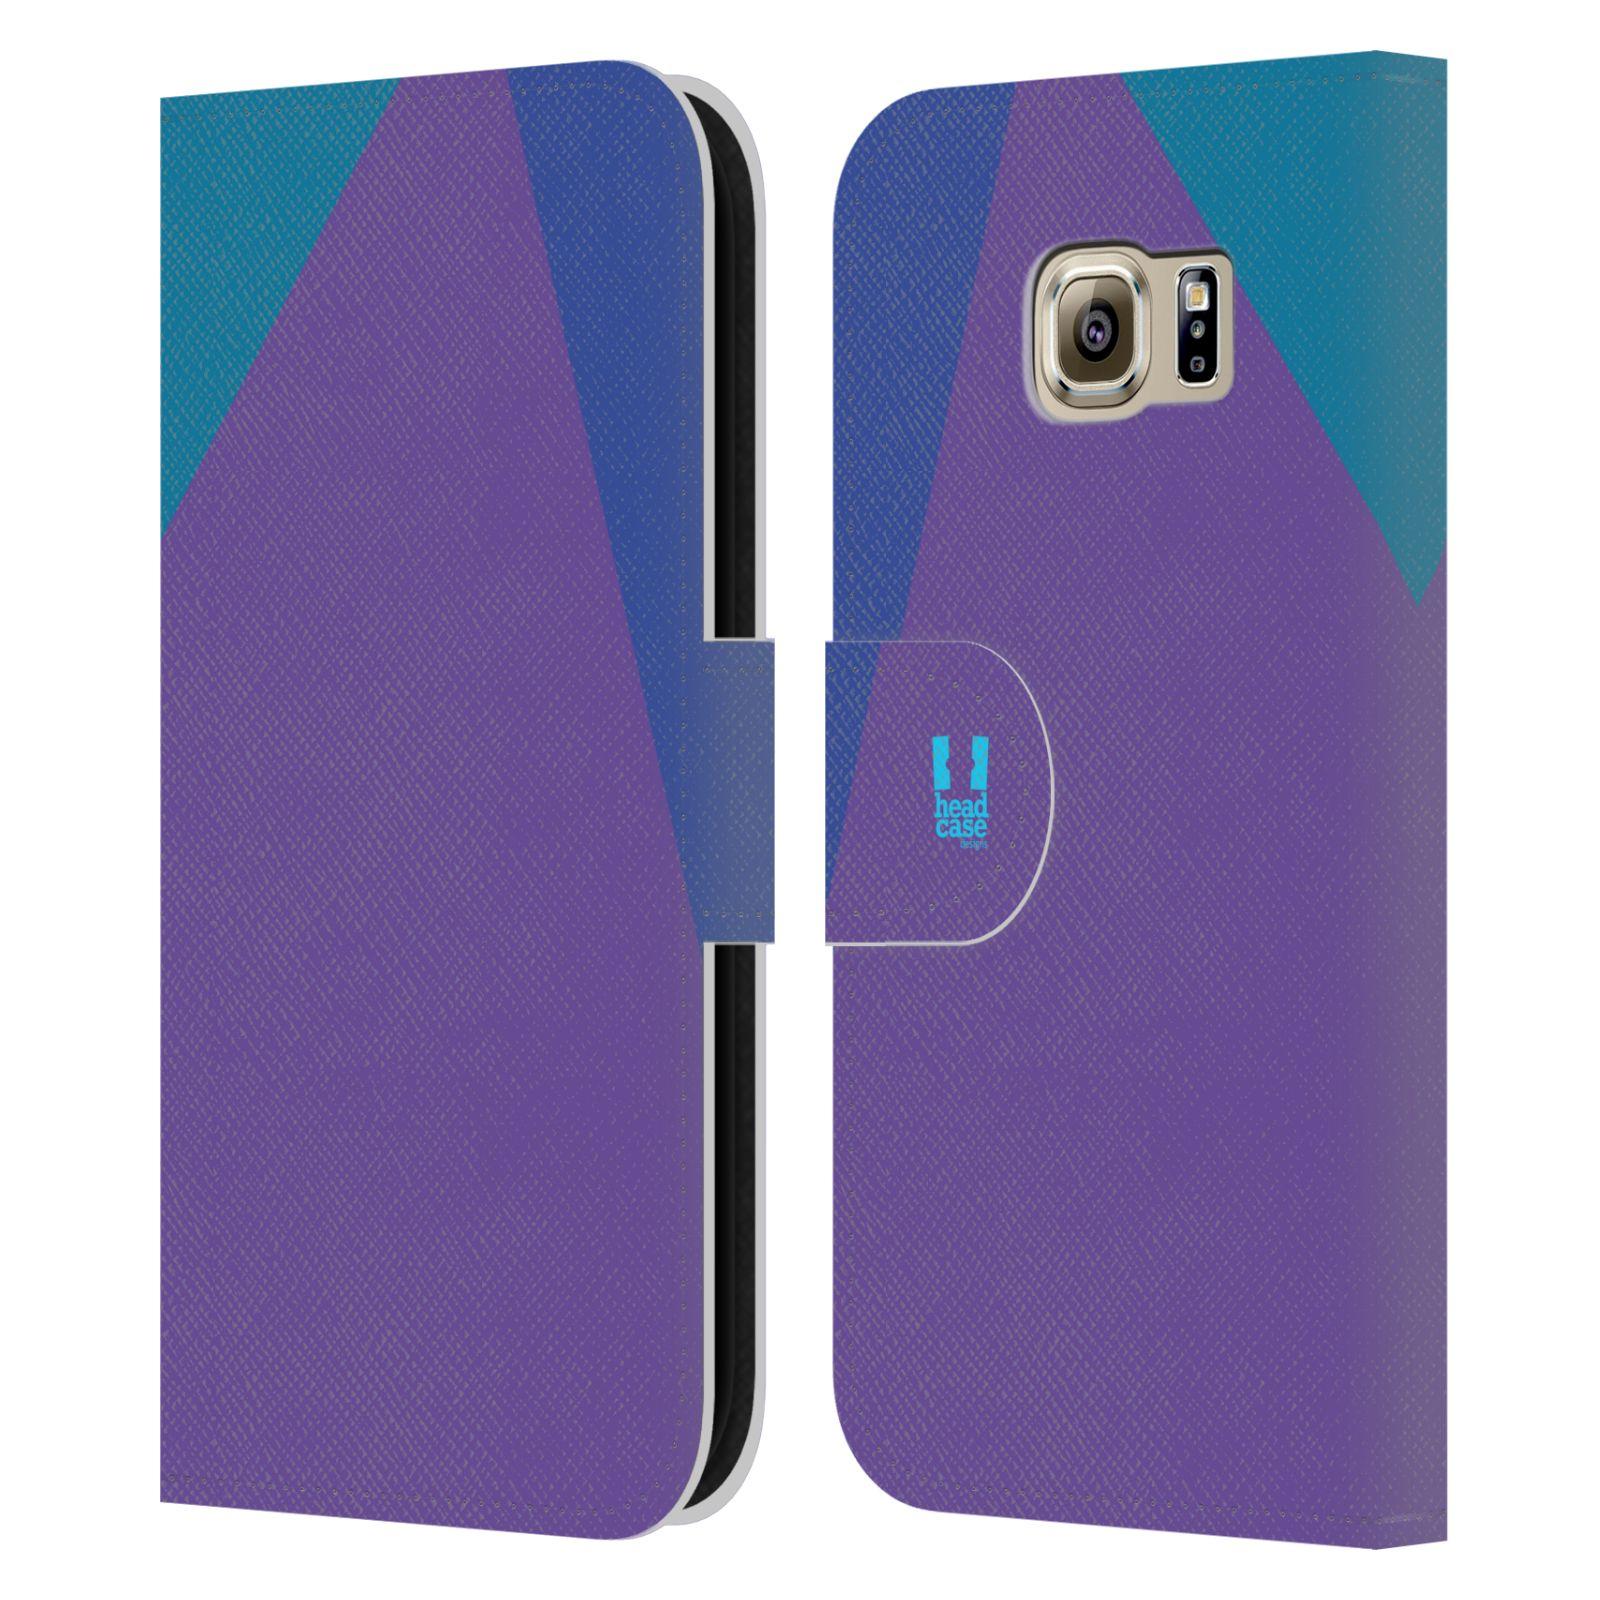 HEAD CASE Flipové pouzdro pro mobil Samsung Galaxy S6 barevné tvary fialová feminine